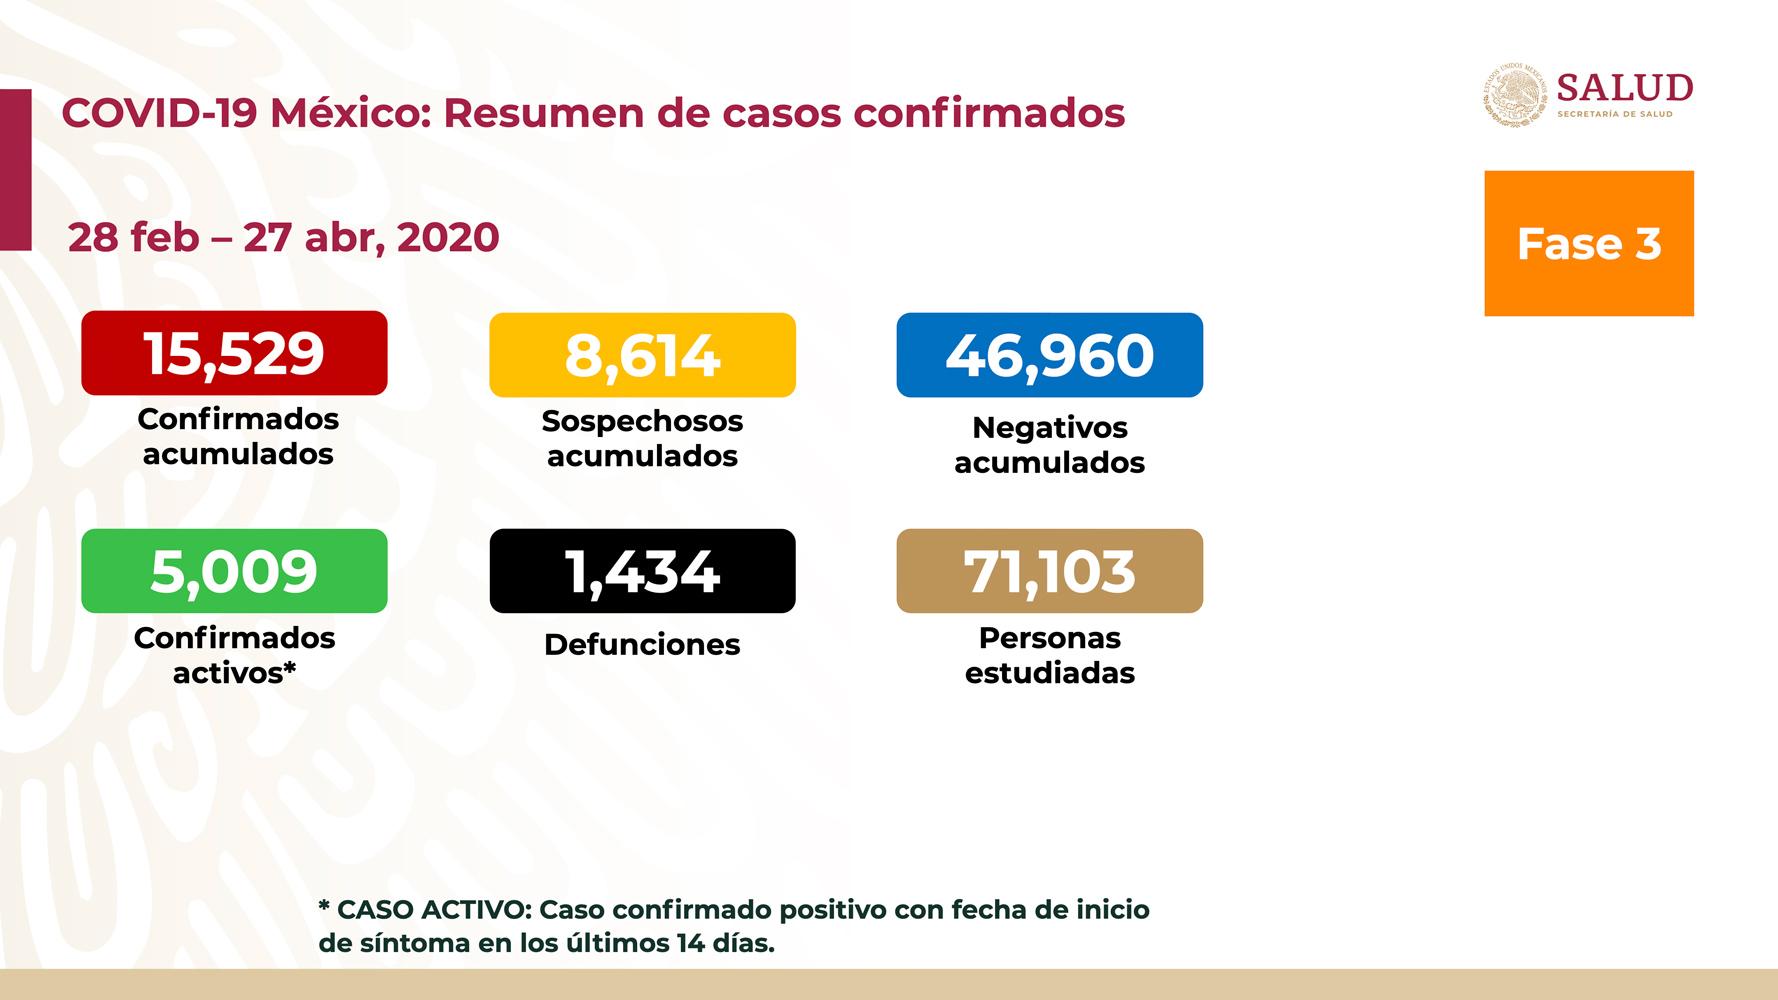 SUMAN MIL 434 DEFUNCIONES POR COVID-19 EN MÉXICO